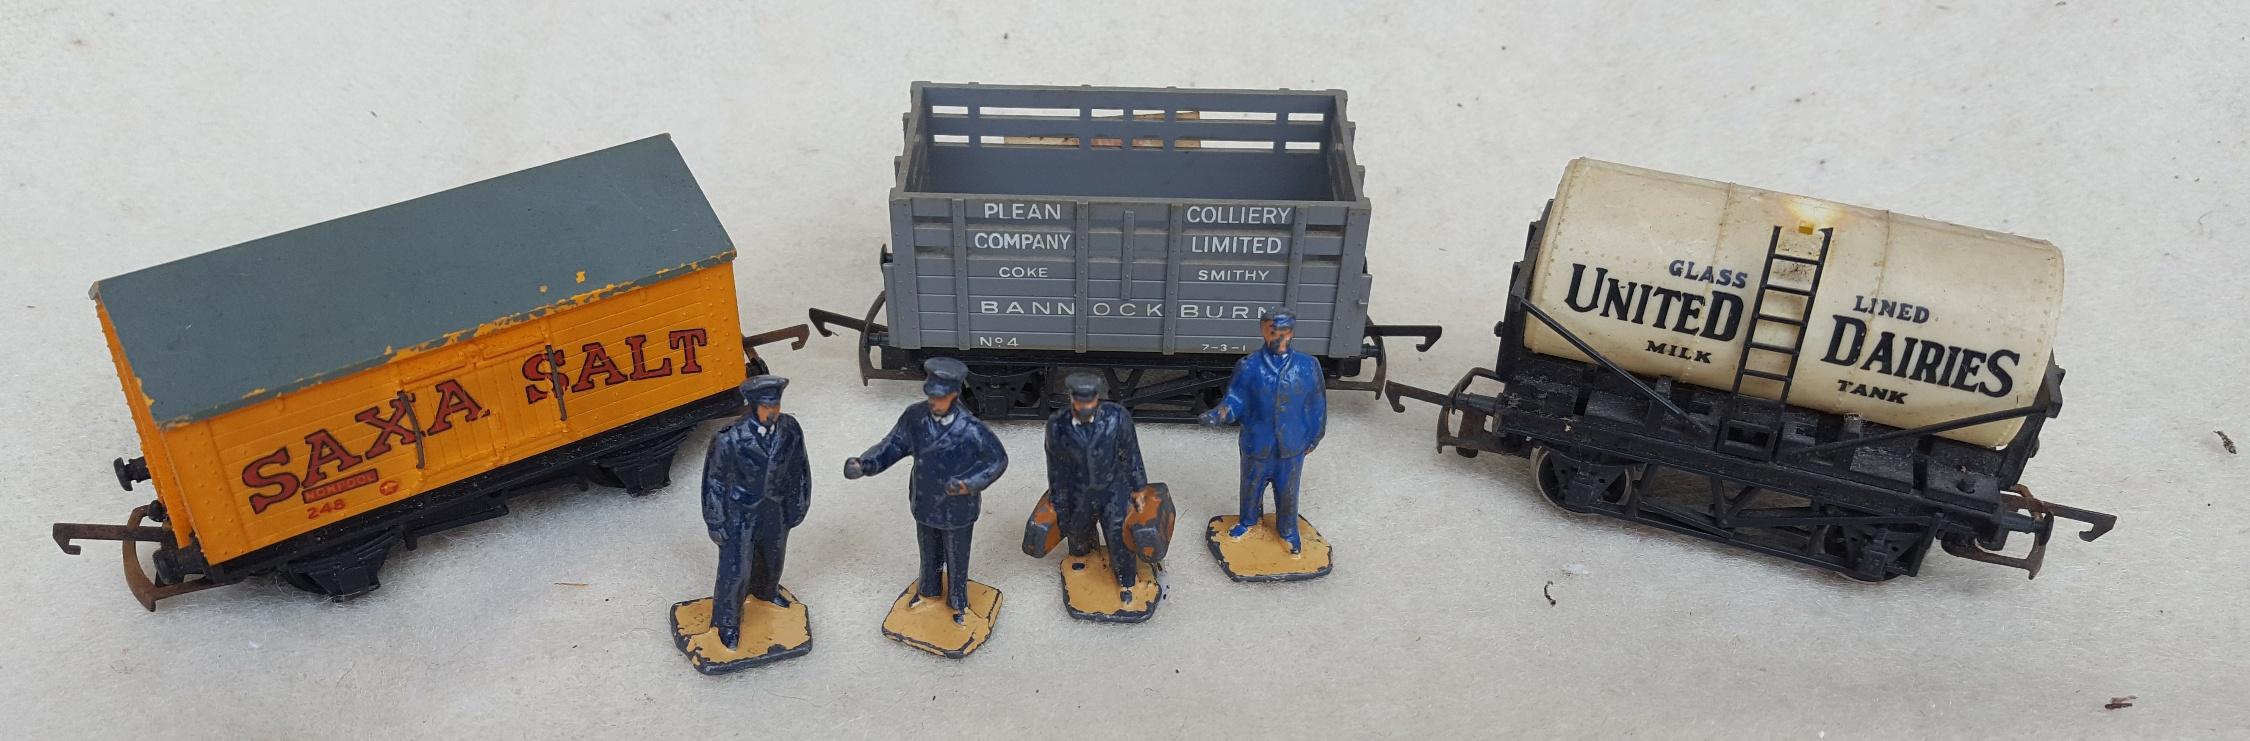 Vintage Model Trains Rolling Stock & Metal Hornby Figures 00 Gauge NO RESERVE